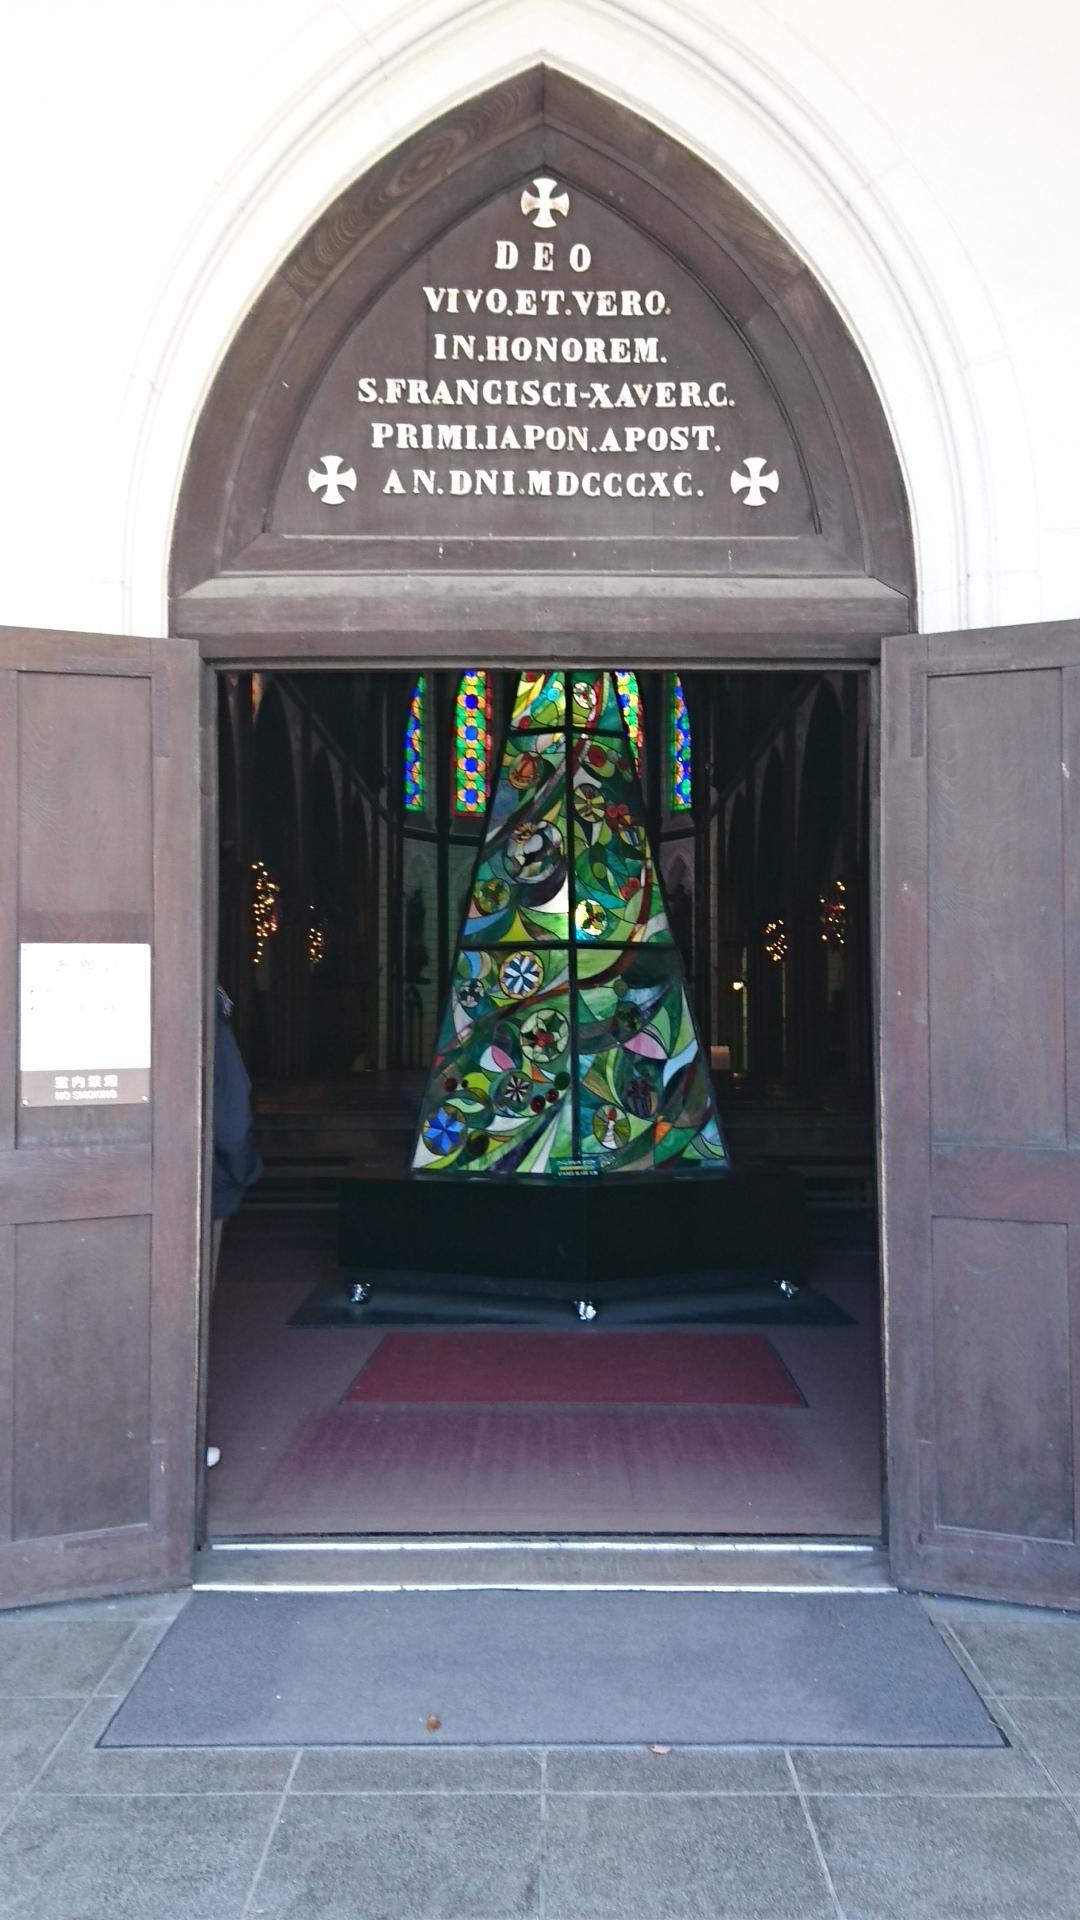 2017.12.28 明治村 (20) 聖ザビエル天主堂 1080-1920